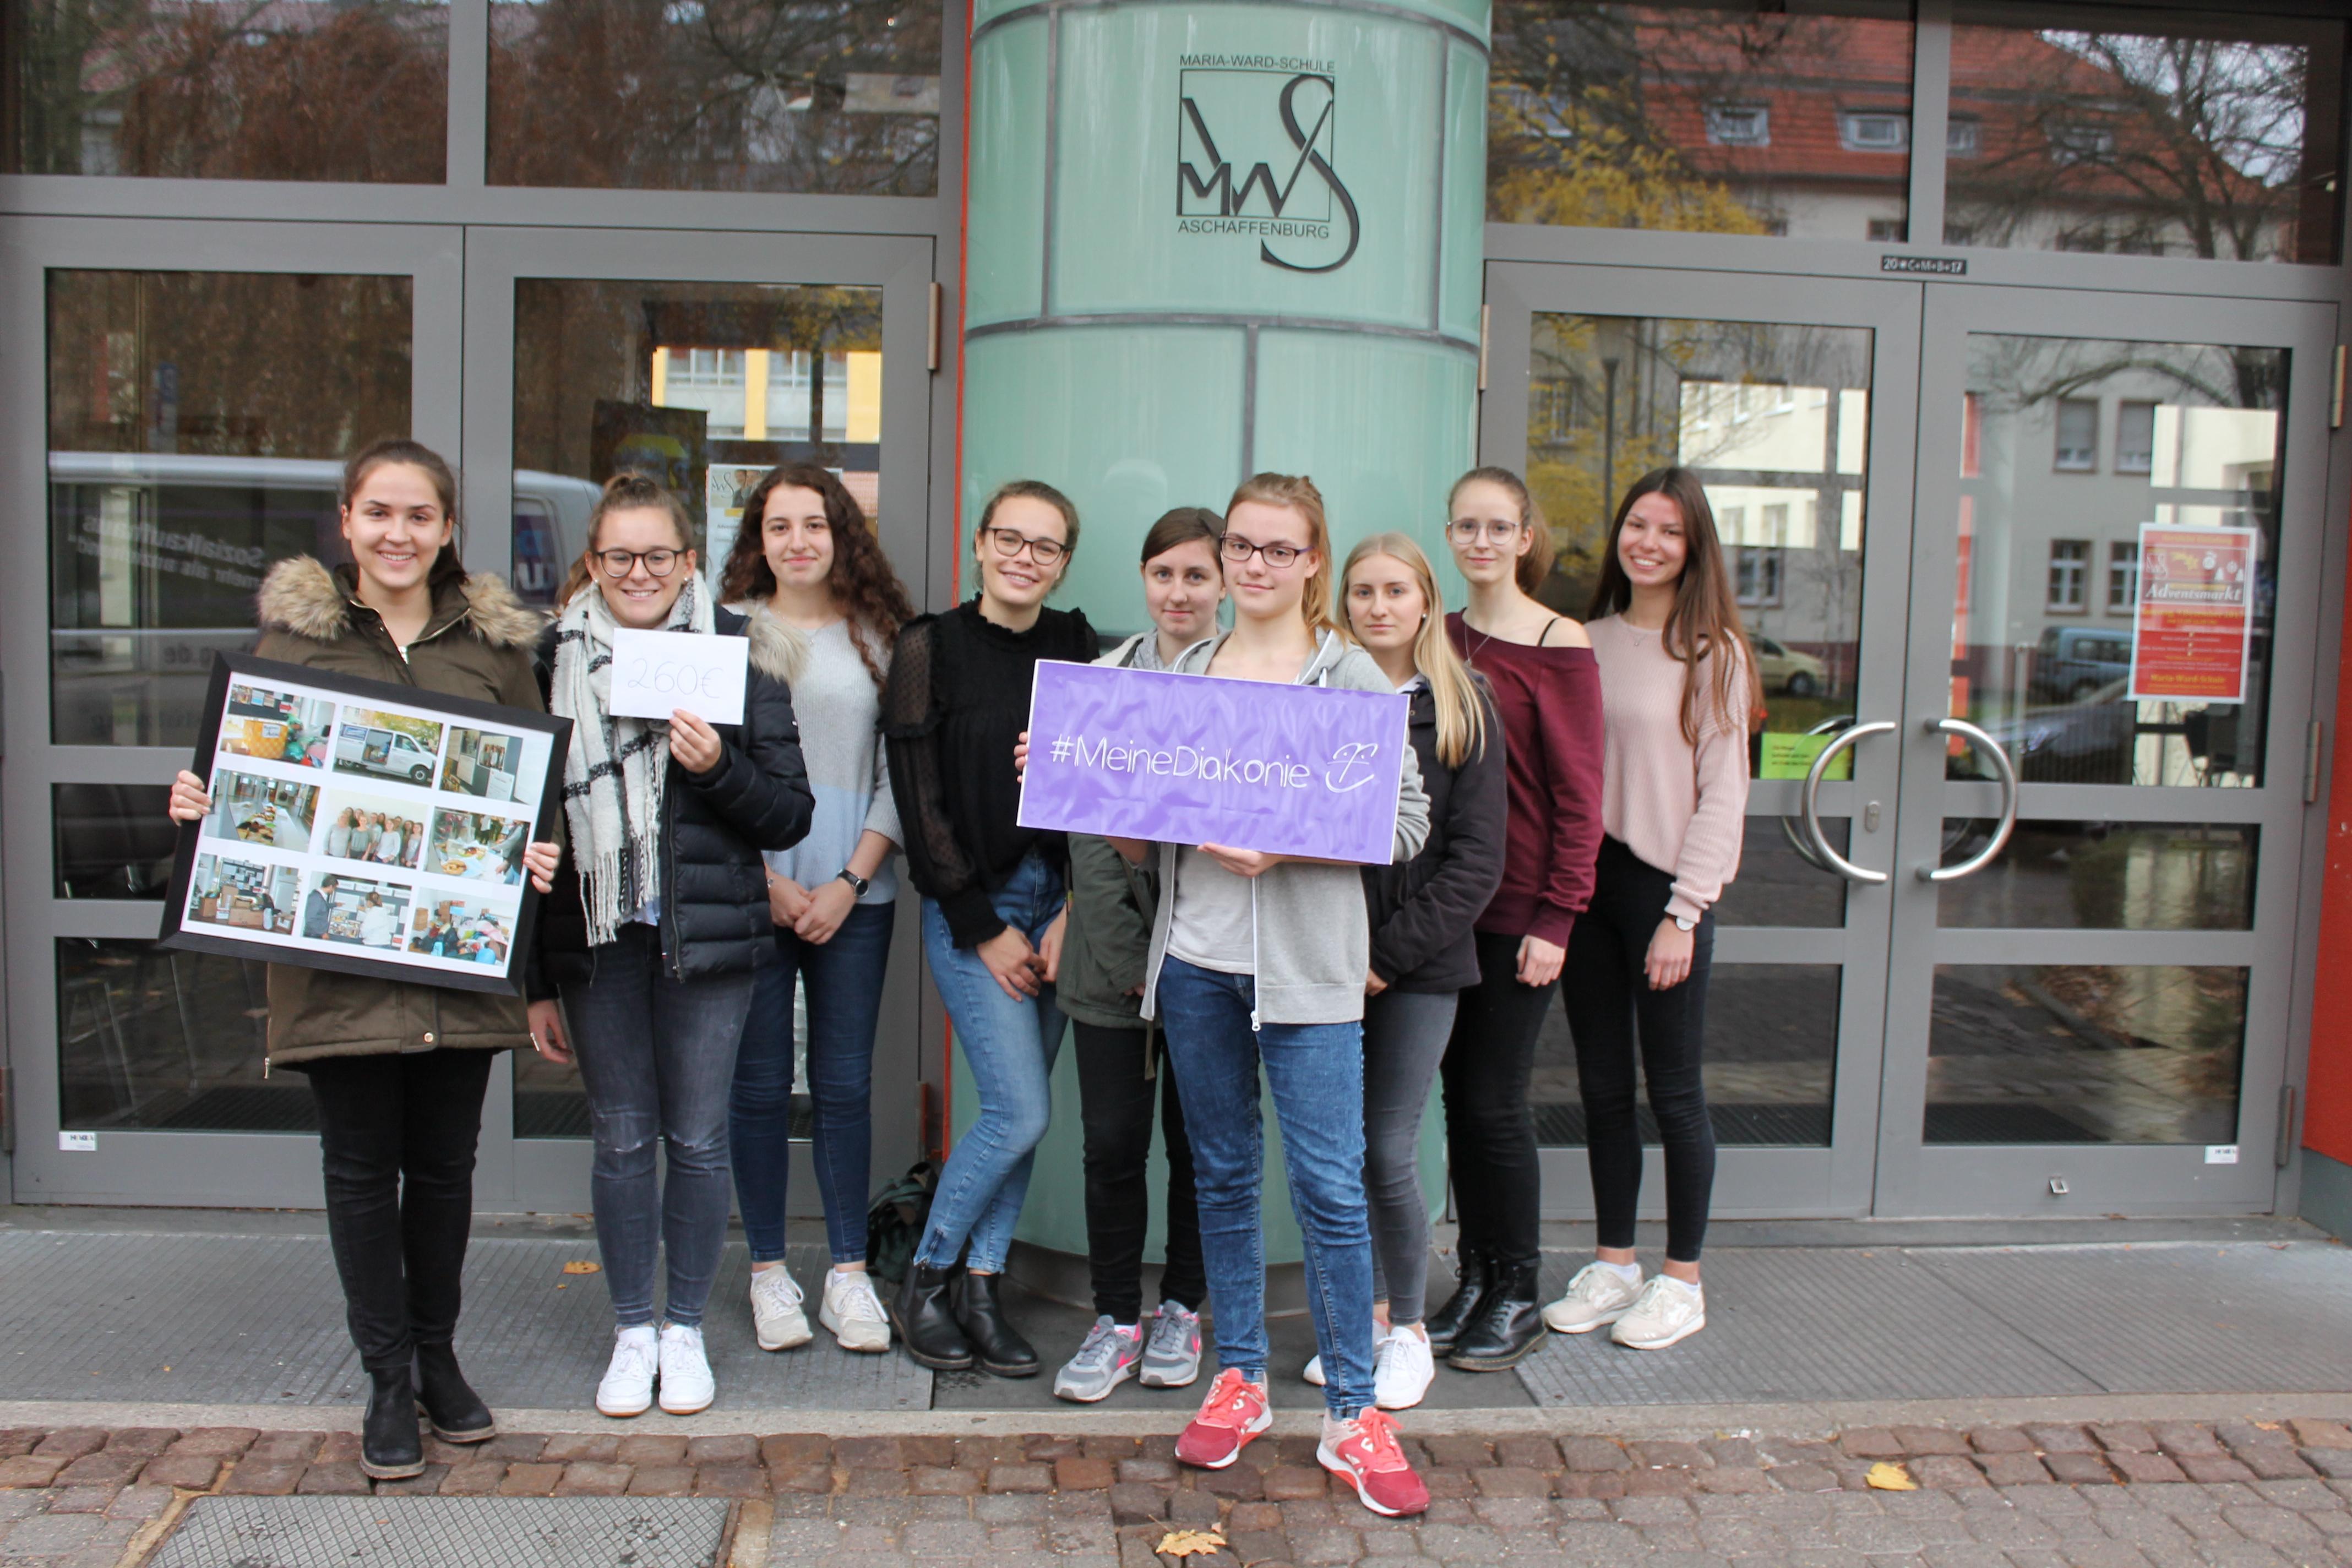 Maria-Ward-Schülerinnen unterstützen Diakonie-Sozialkaufhaus